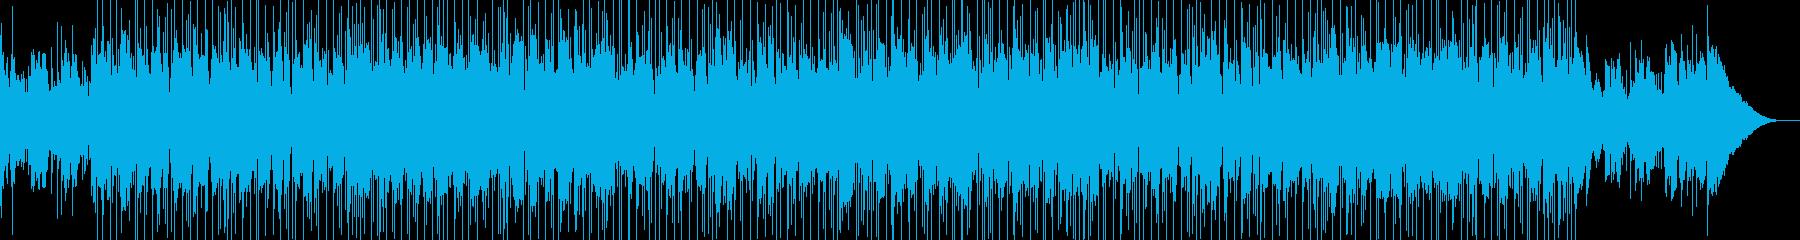 柔らかくて温かい音色の素敵でリラッ...の再生済みの波形